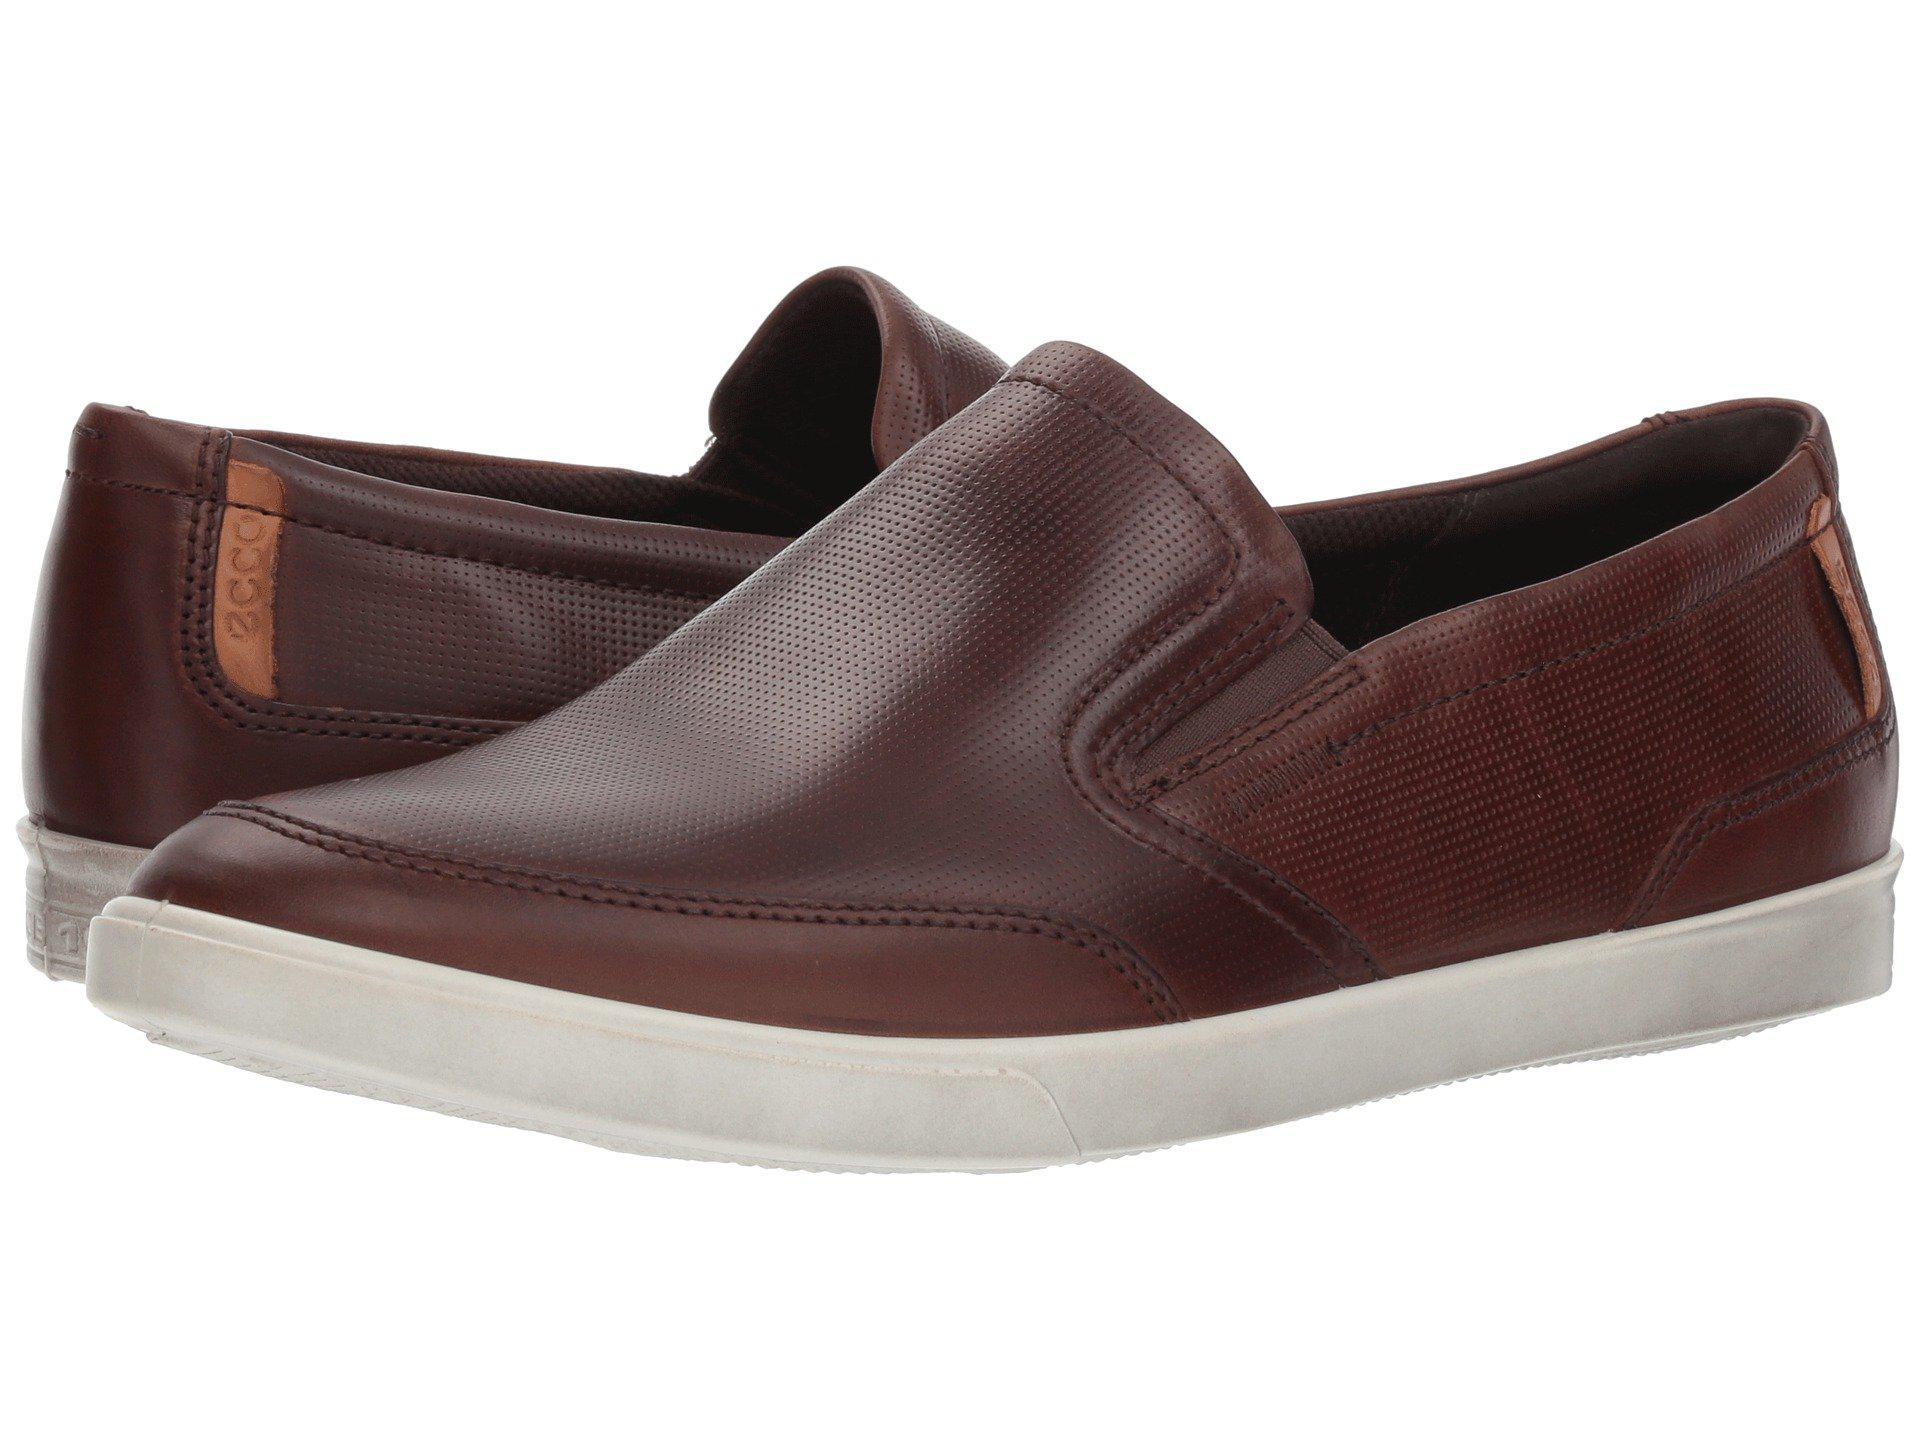 Ecco Leather Collin Casual Slip On